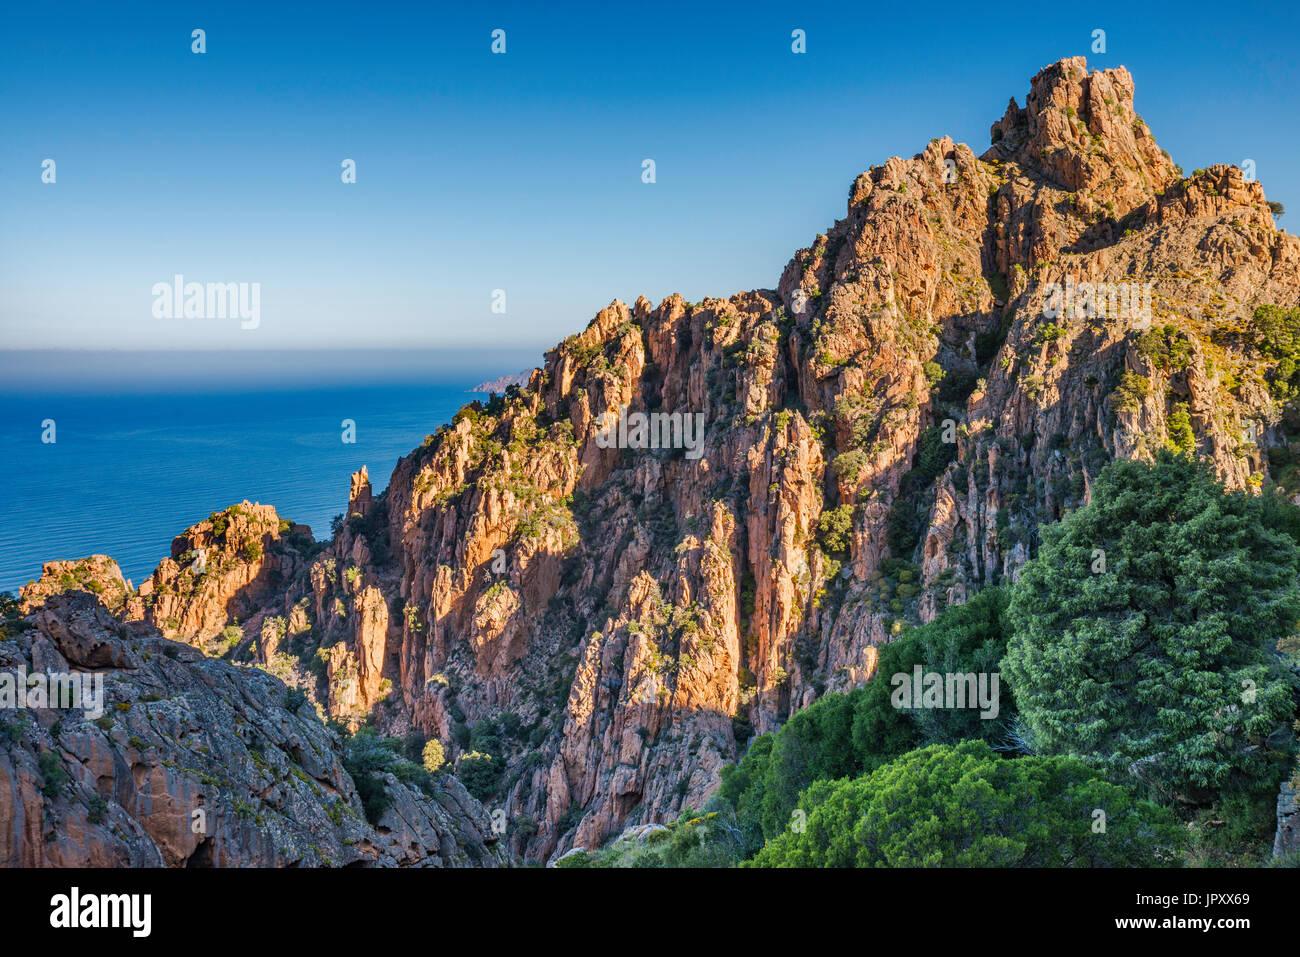 Porphyritic naranja rocas de granito, en Les Calanques de Piana, Sitio del Patrimonio Mundial de la UNESCO, Corse du Sud, Córcega, Francia Imagen De Stock